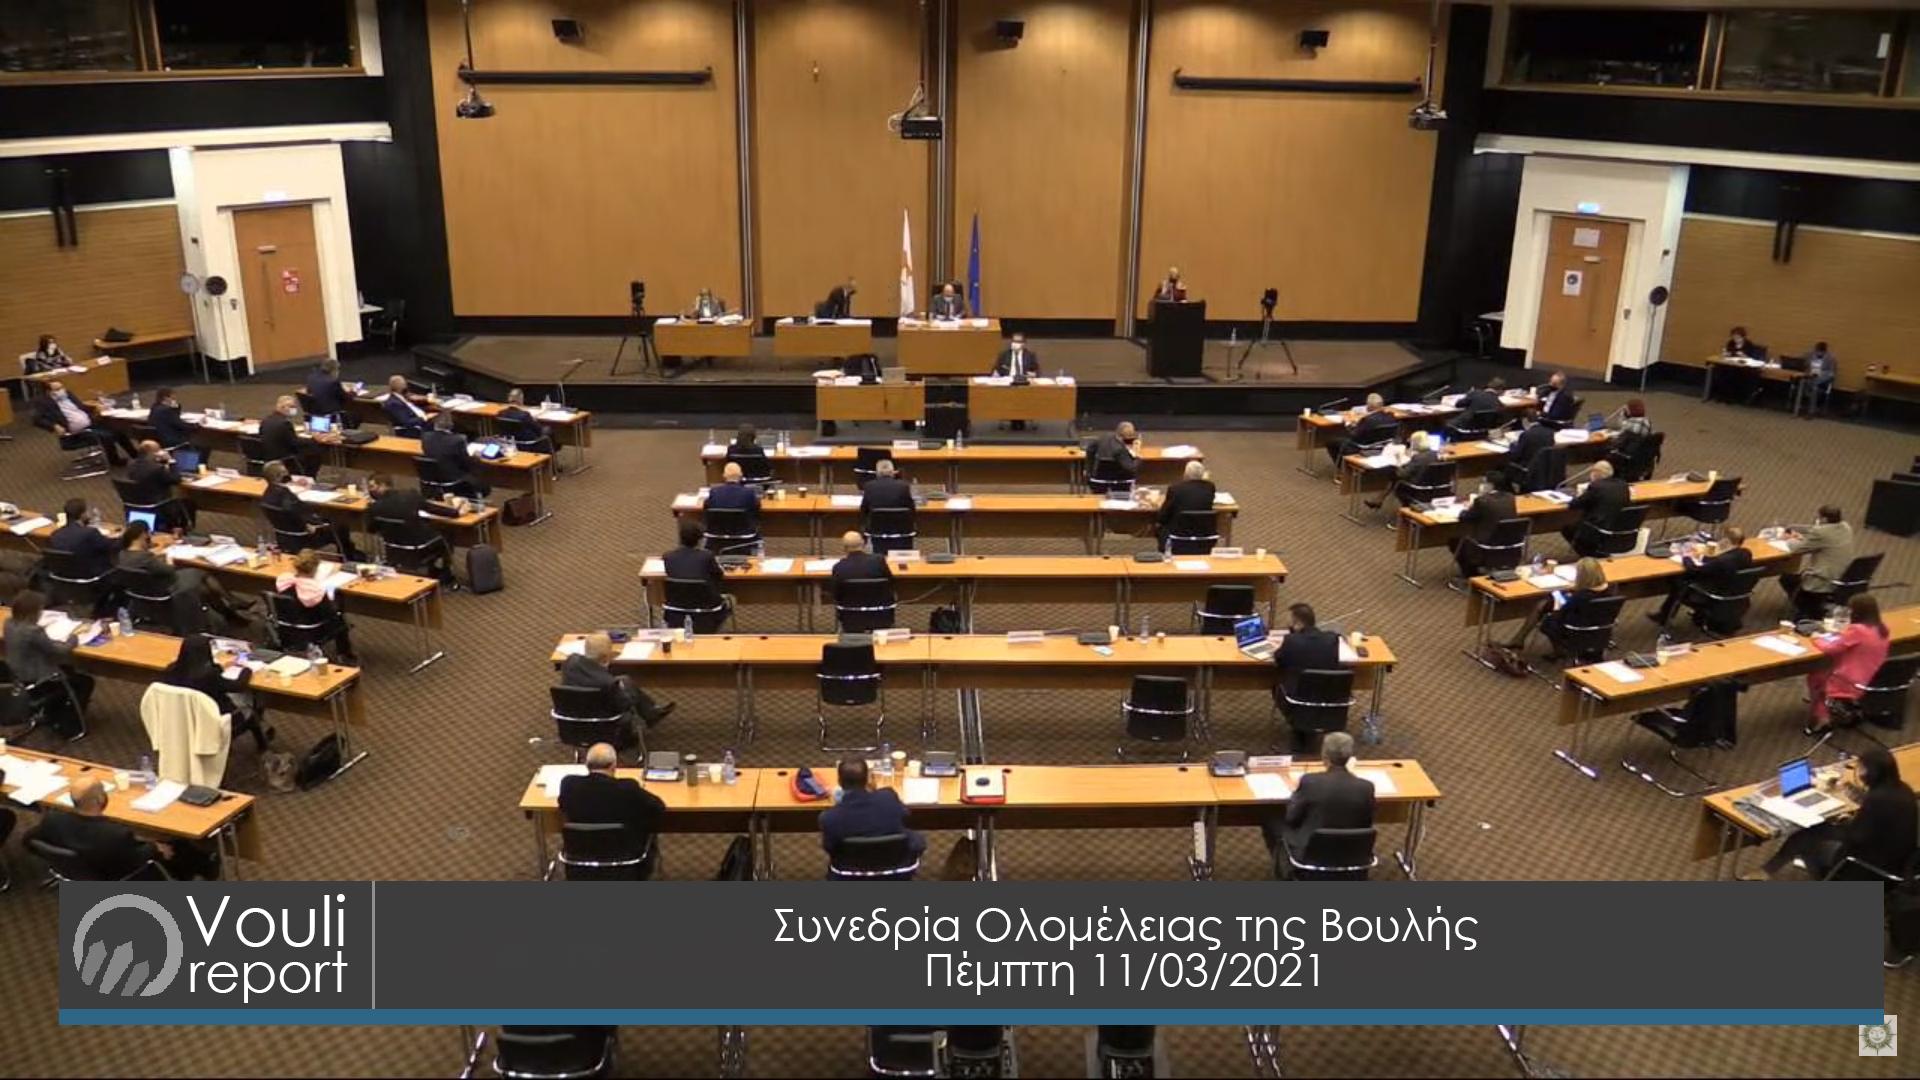 Συνεδρία Ολομέλειας της Βουλής - 11/03/2021